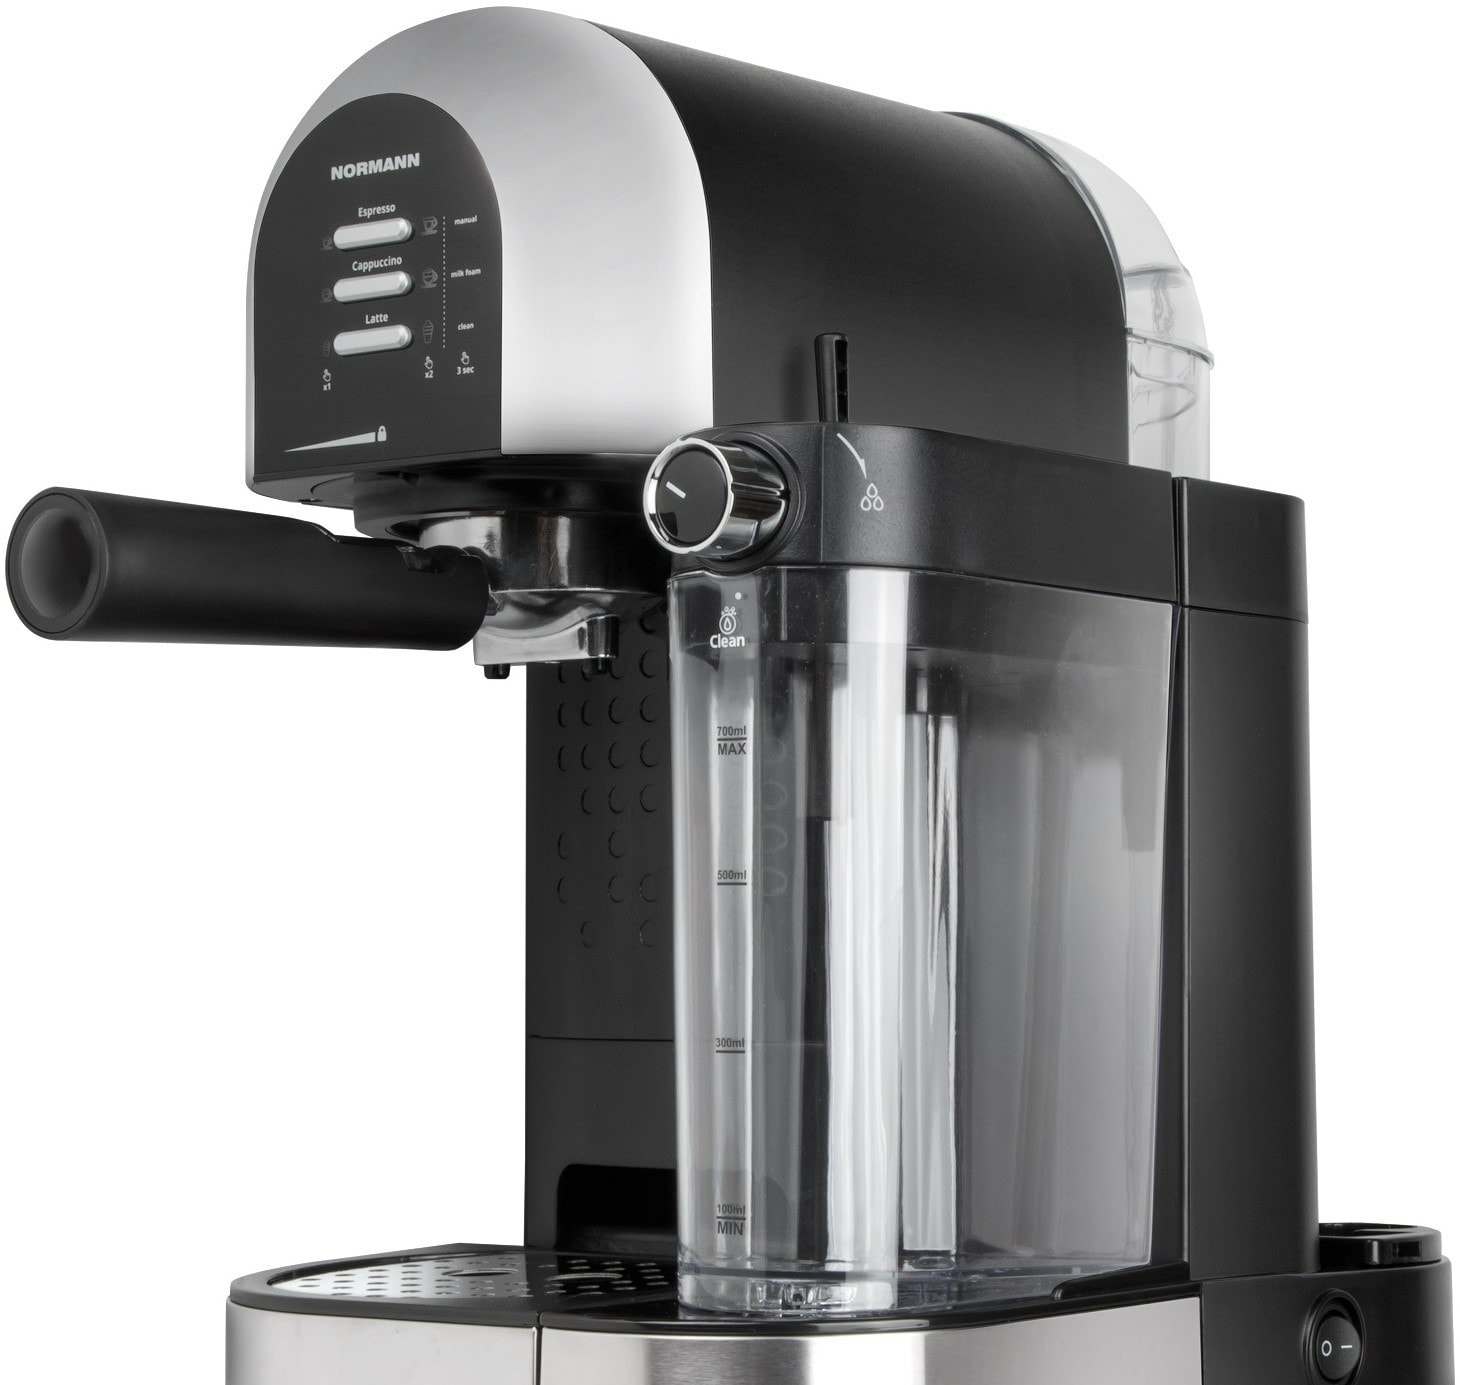 Рожковая помповая кофеварка Normann ACM-526